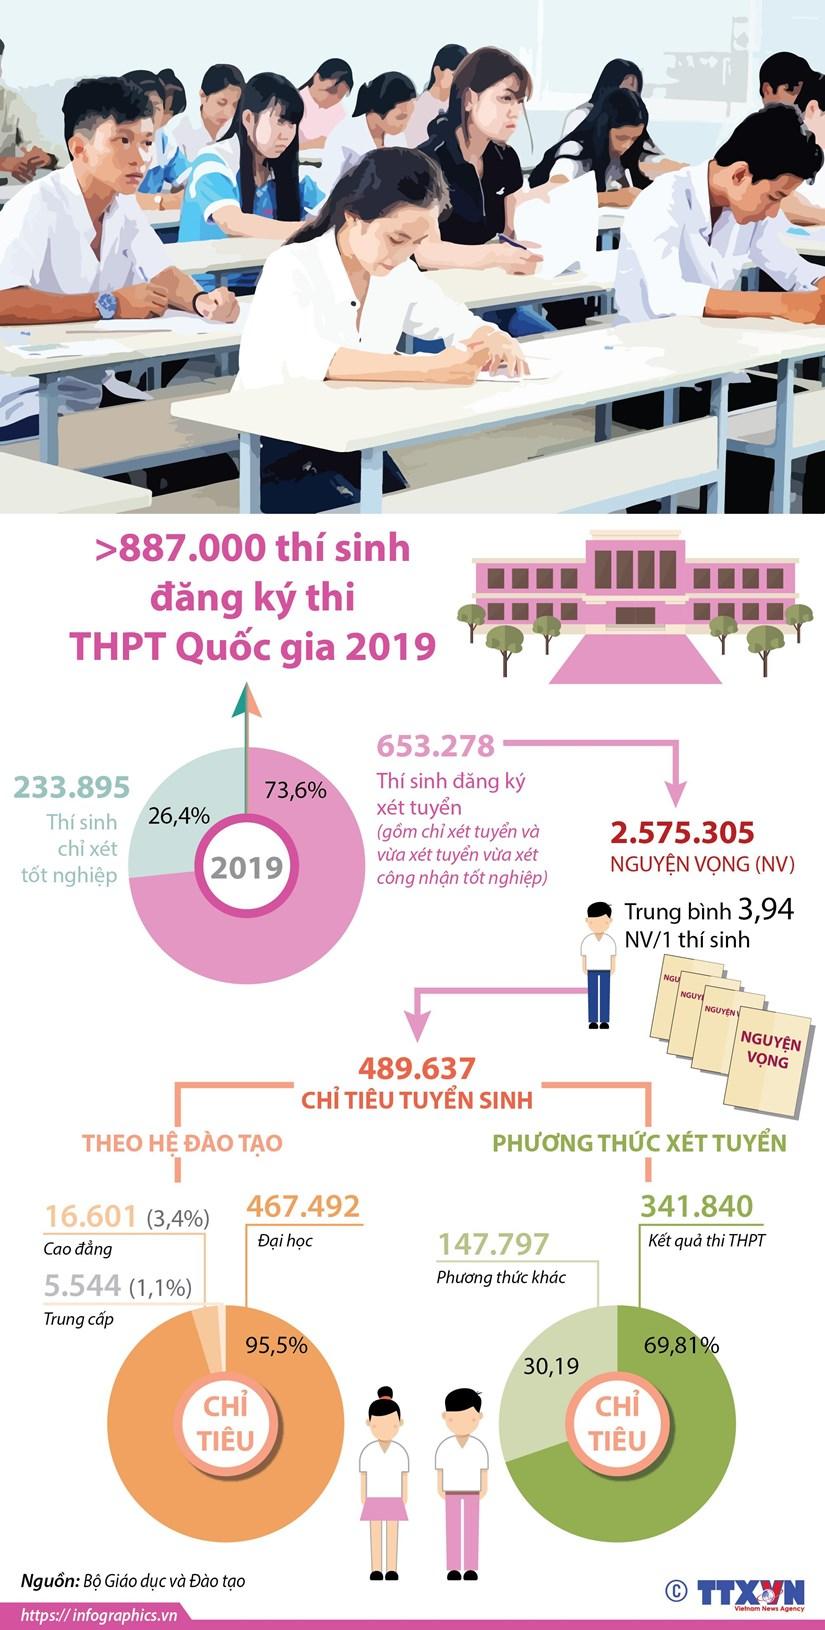 [Infographics] Hơn 887.000 thí sinh đăng ký thi THPT quốc gia 2019